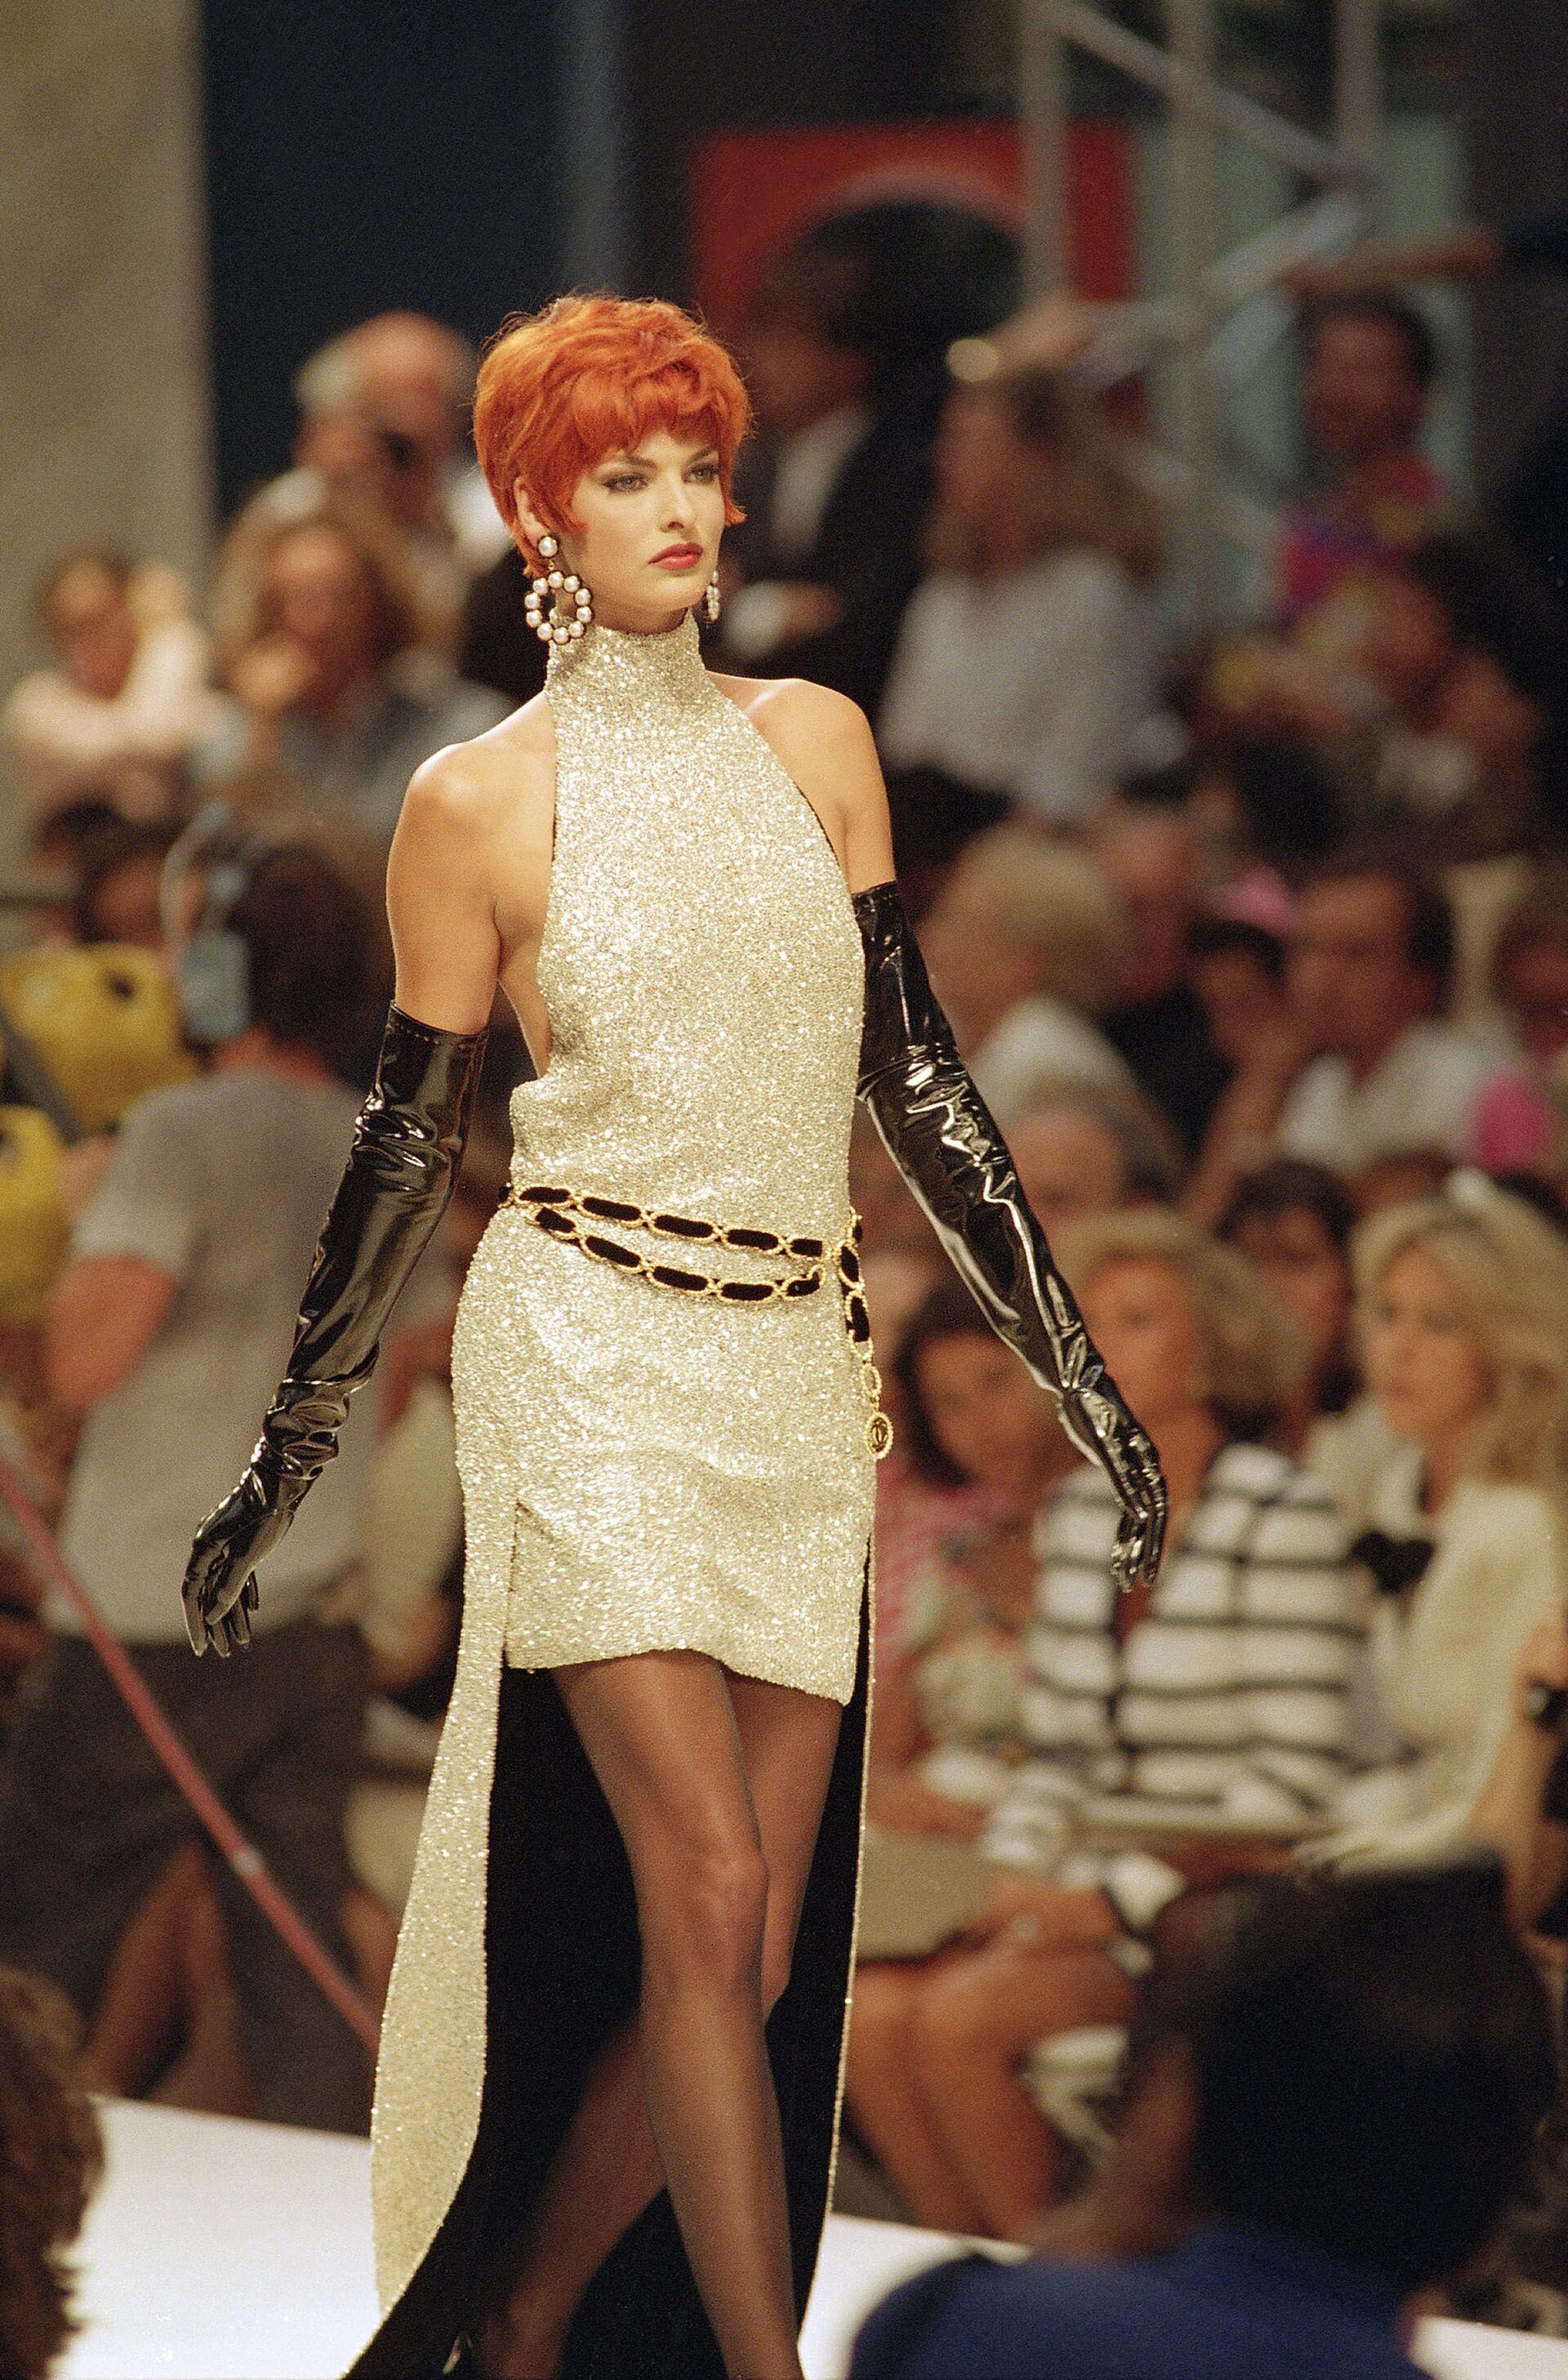 Модель Линда Евангелиста представляет коллекцию немецкого дизайнера Карла Лагерфельда для модного дома Chanel в Париже, 1991 год - Sputnik Грузия, 1920, 24.09.2021